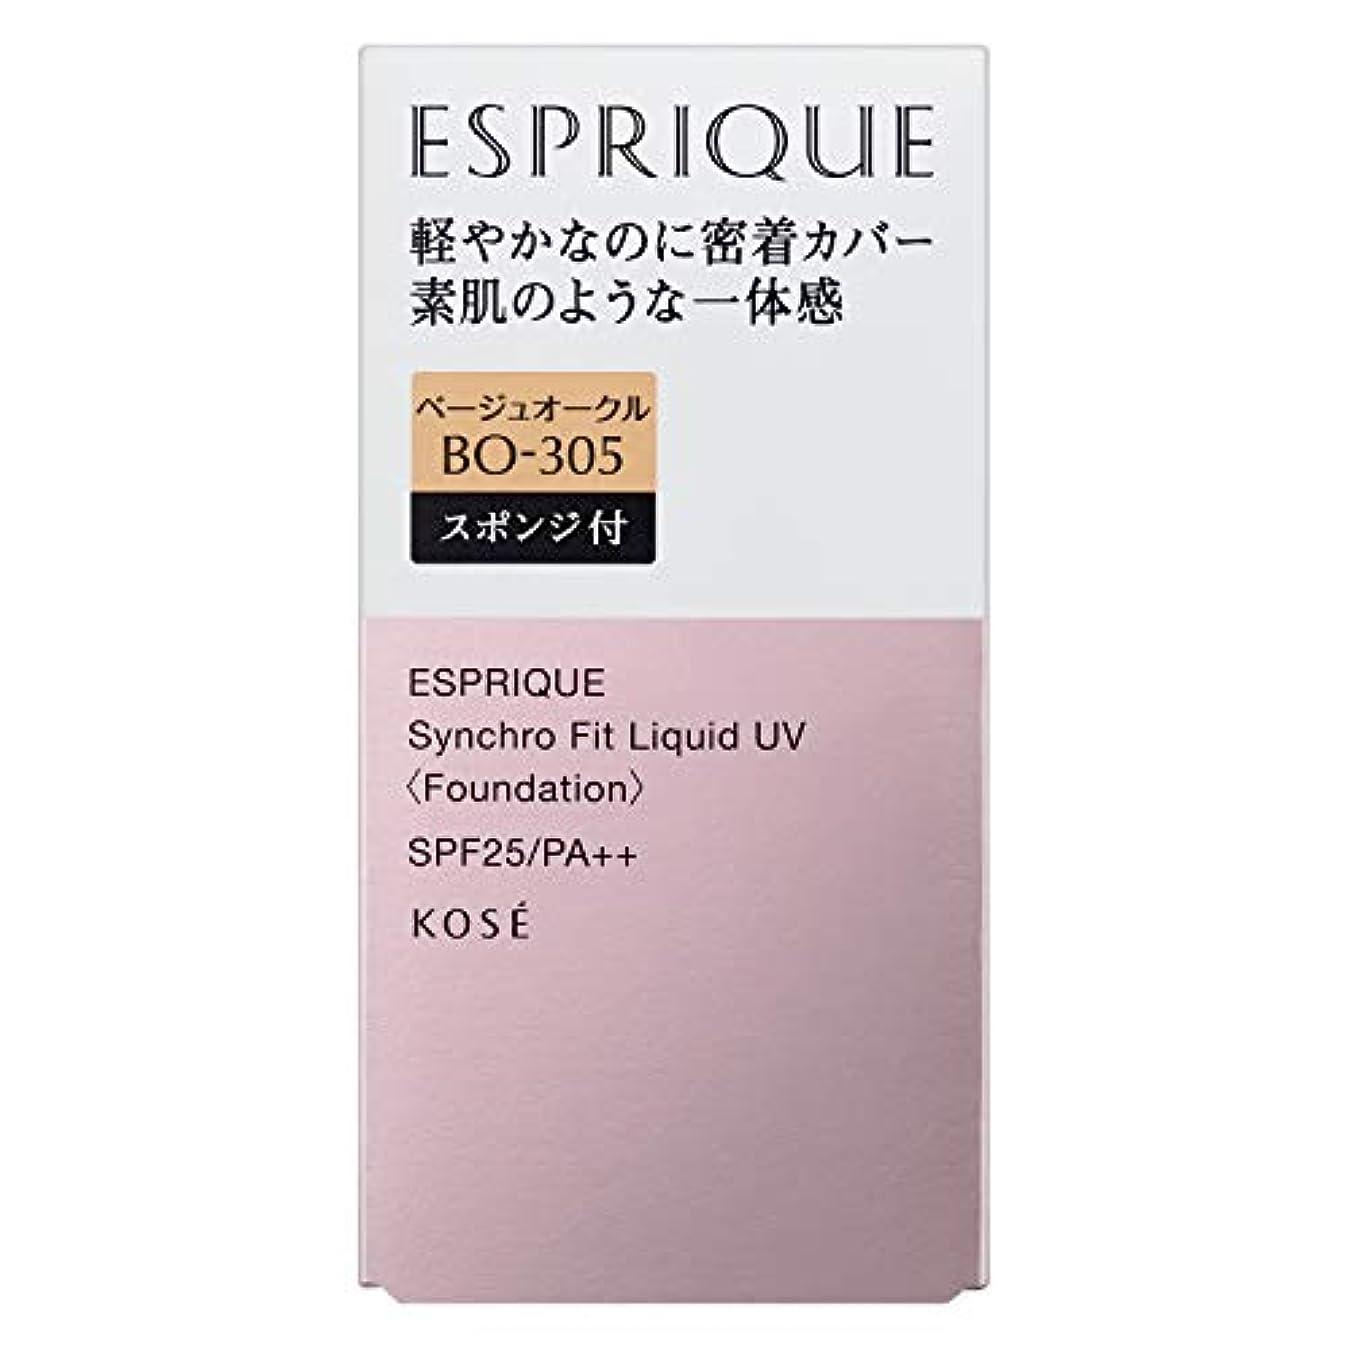 揃えるパントリー作成者ESPRIQUE(エスプリーク) エスプリーク シンクロフィット リキッド UV ファンデーション 無香料 BO-305 ベージュオークル 30g